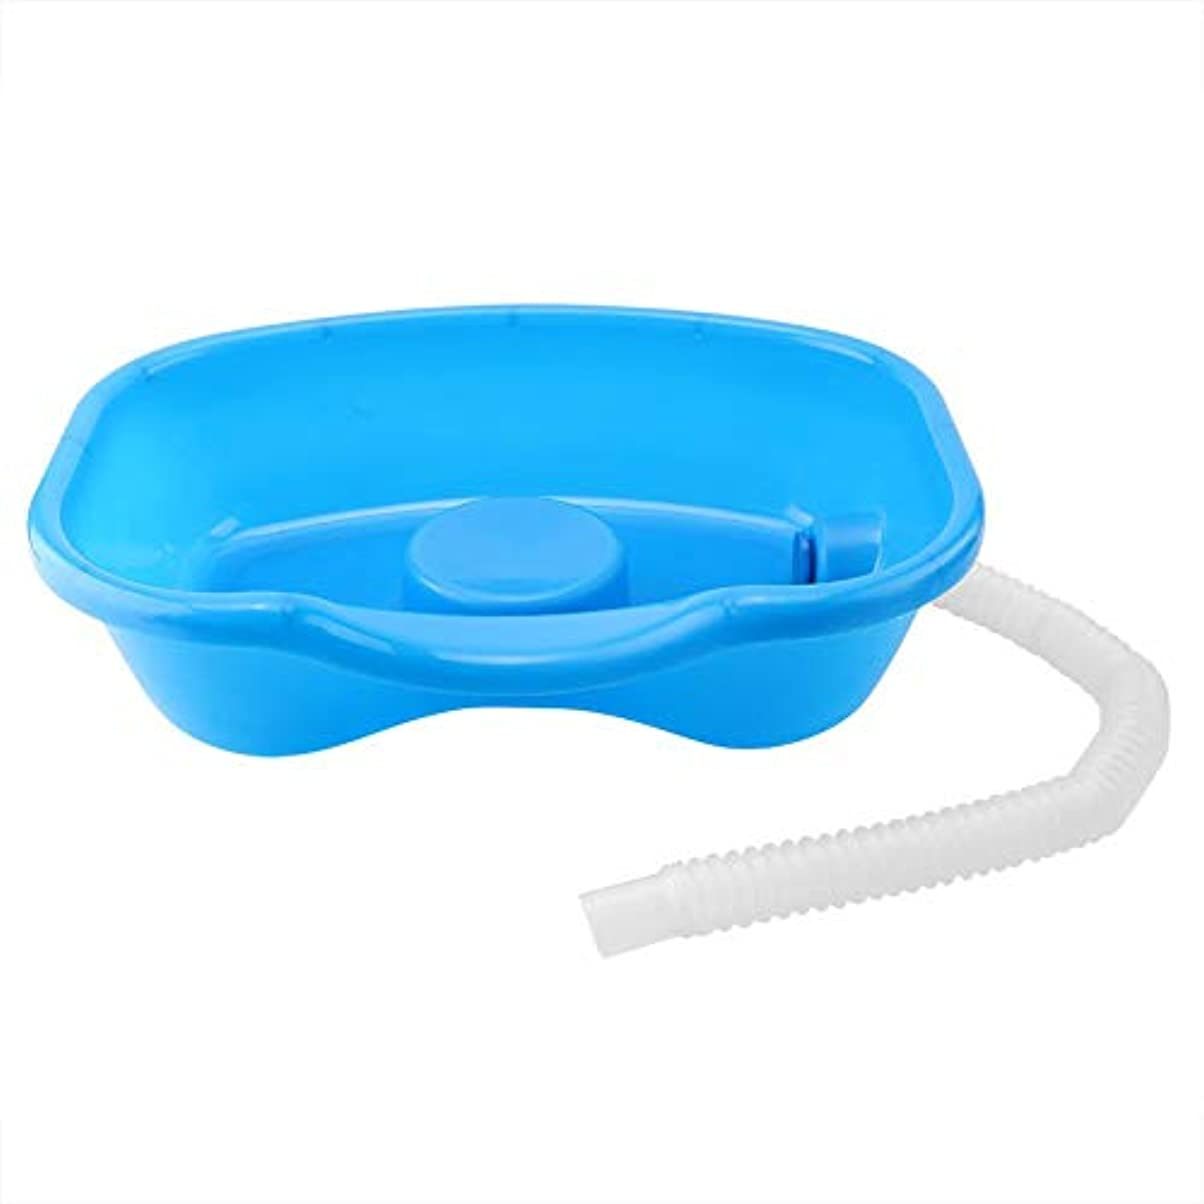 カカドゥカエル敬の念シャンプー洗面器、医療用洗面器無効シャンプー洗面器厚いベッド髪を洗うトレイプラスチック障害者、障害者、高齢者、寝たきりの人に適しています